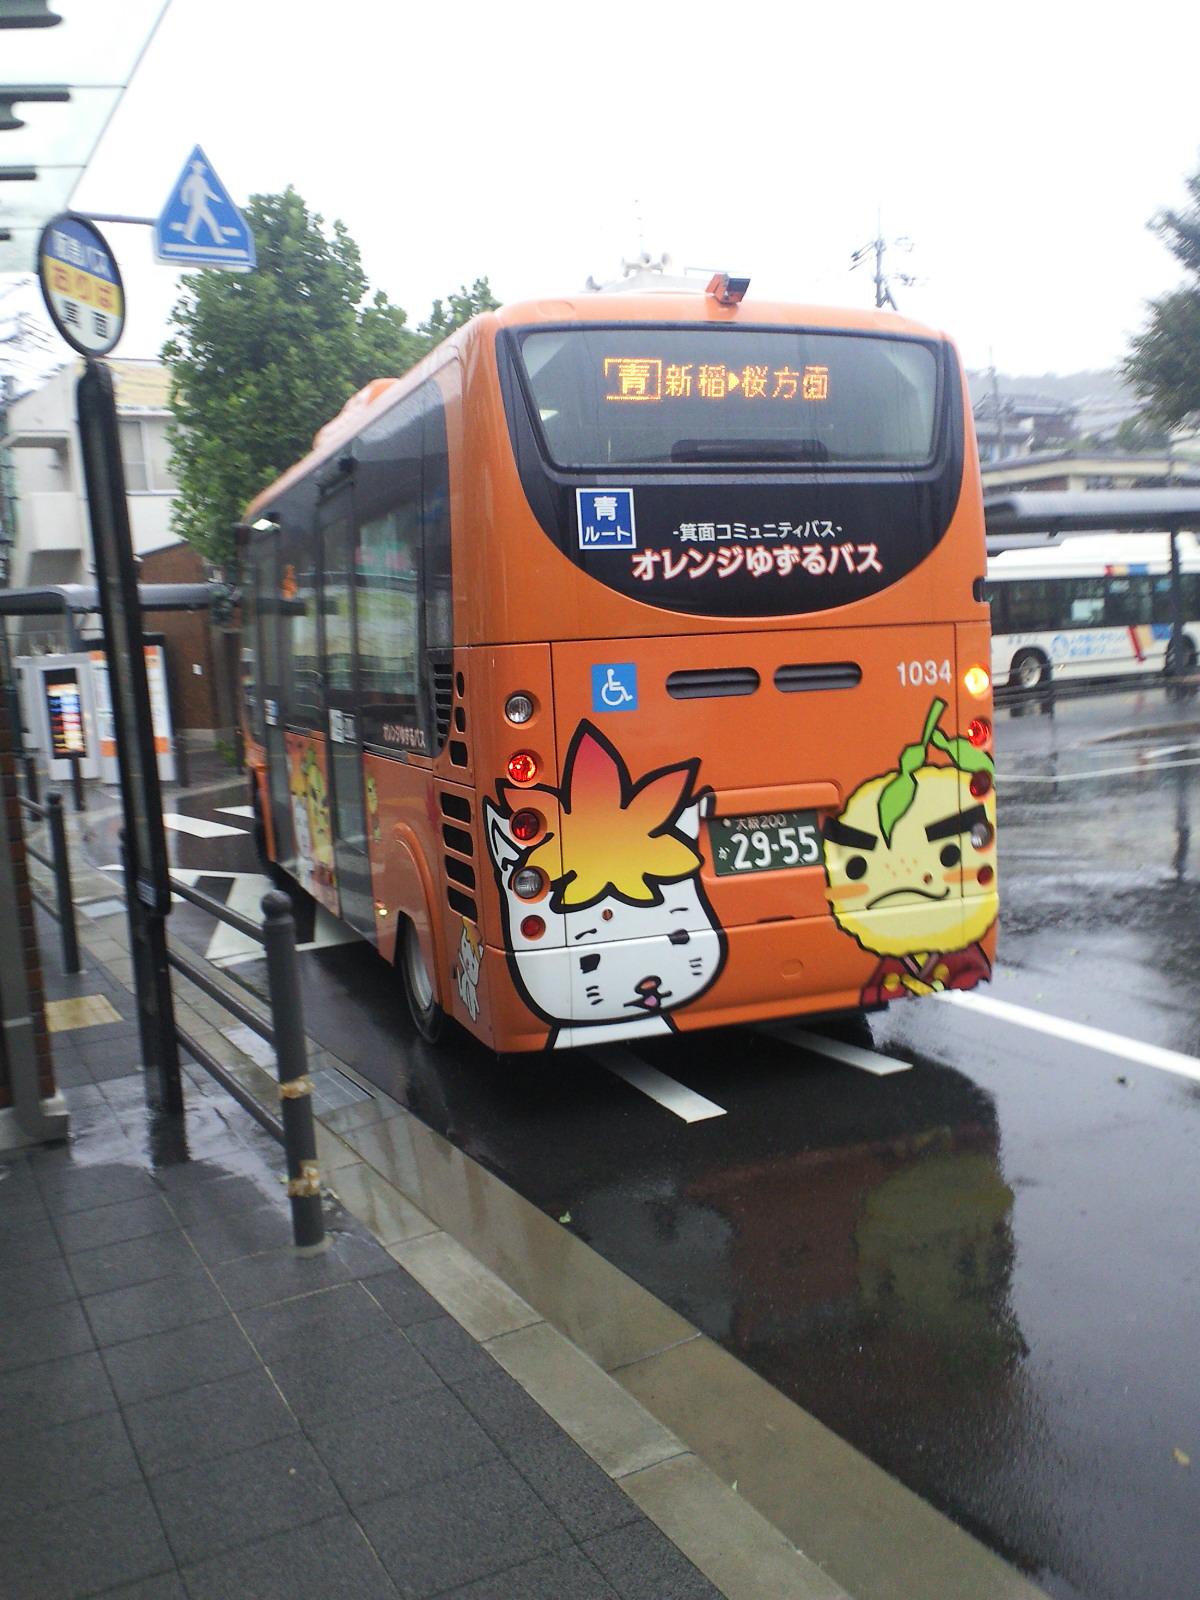 オレンジゆずるバス_c0001670_23345918.jpg